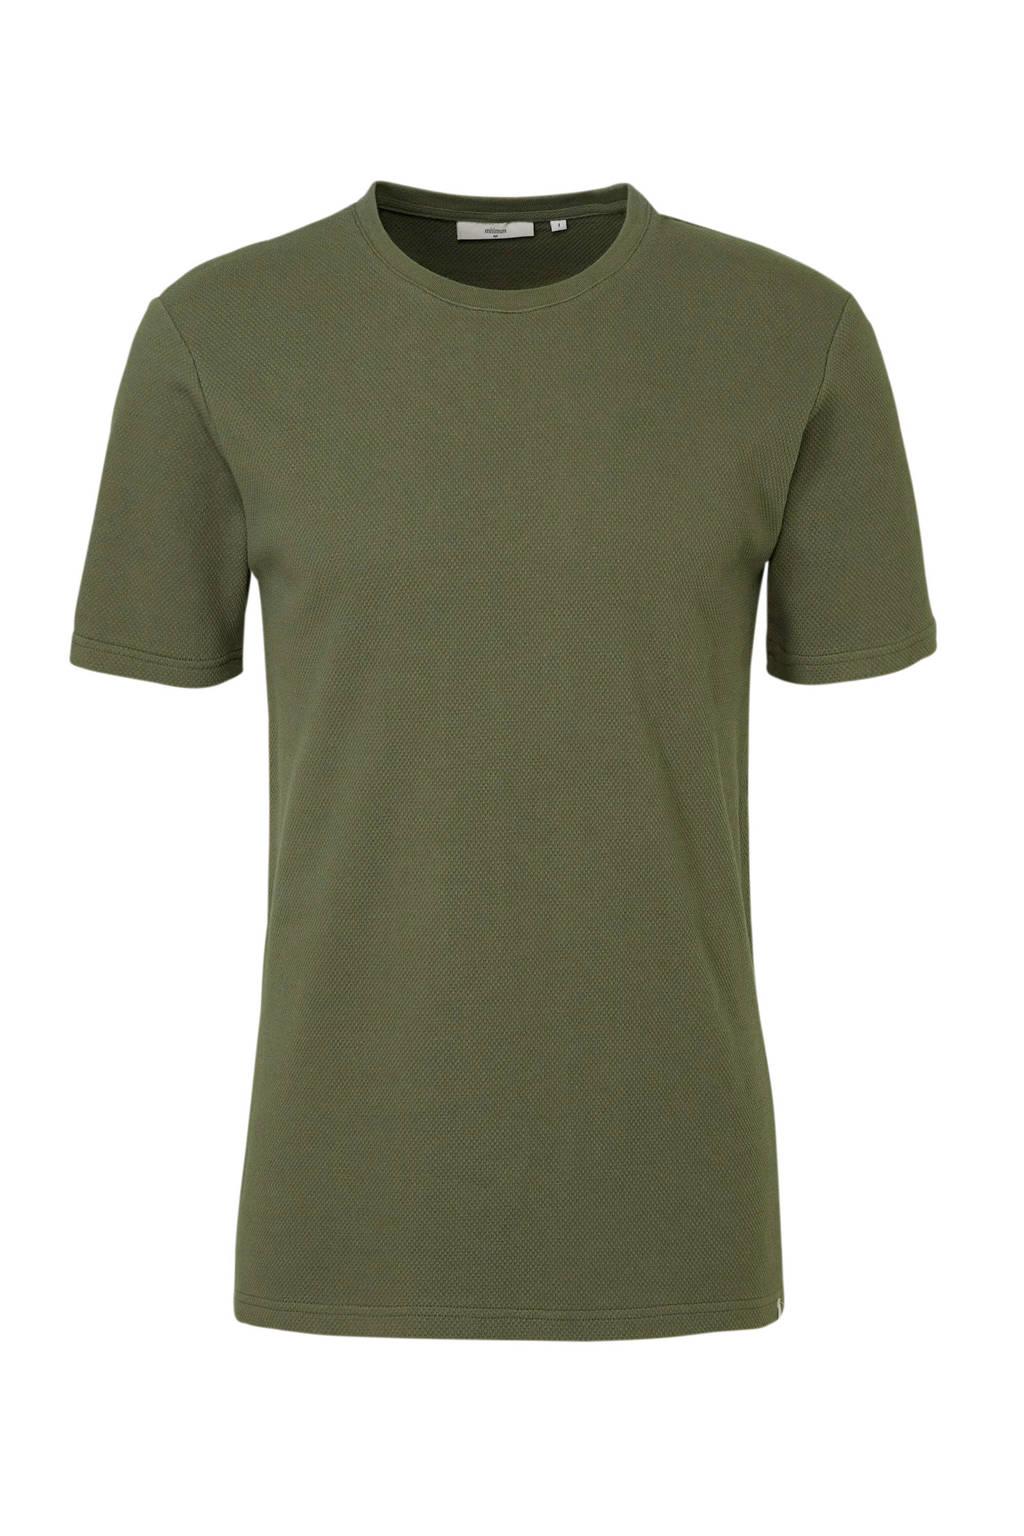 Minimum T-shirt, Mosgroen